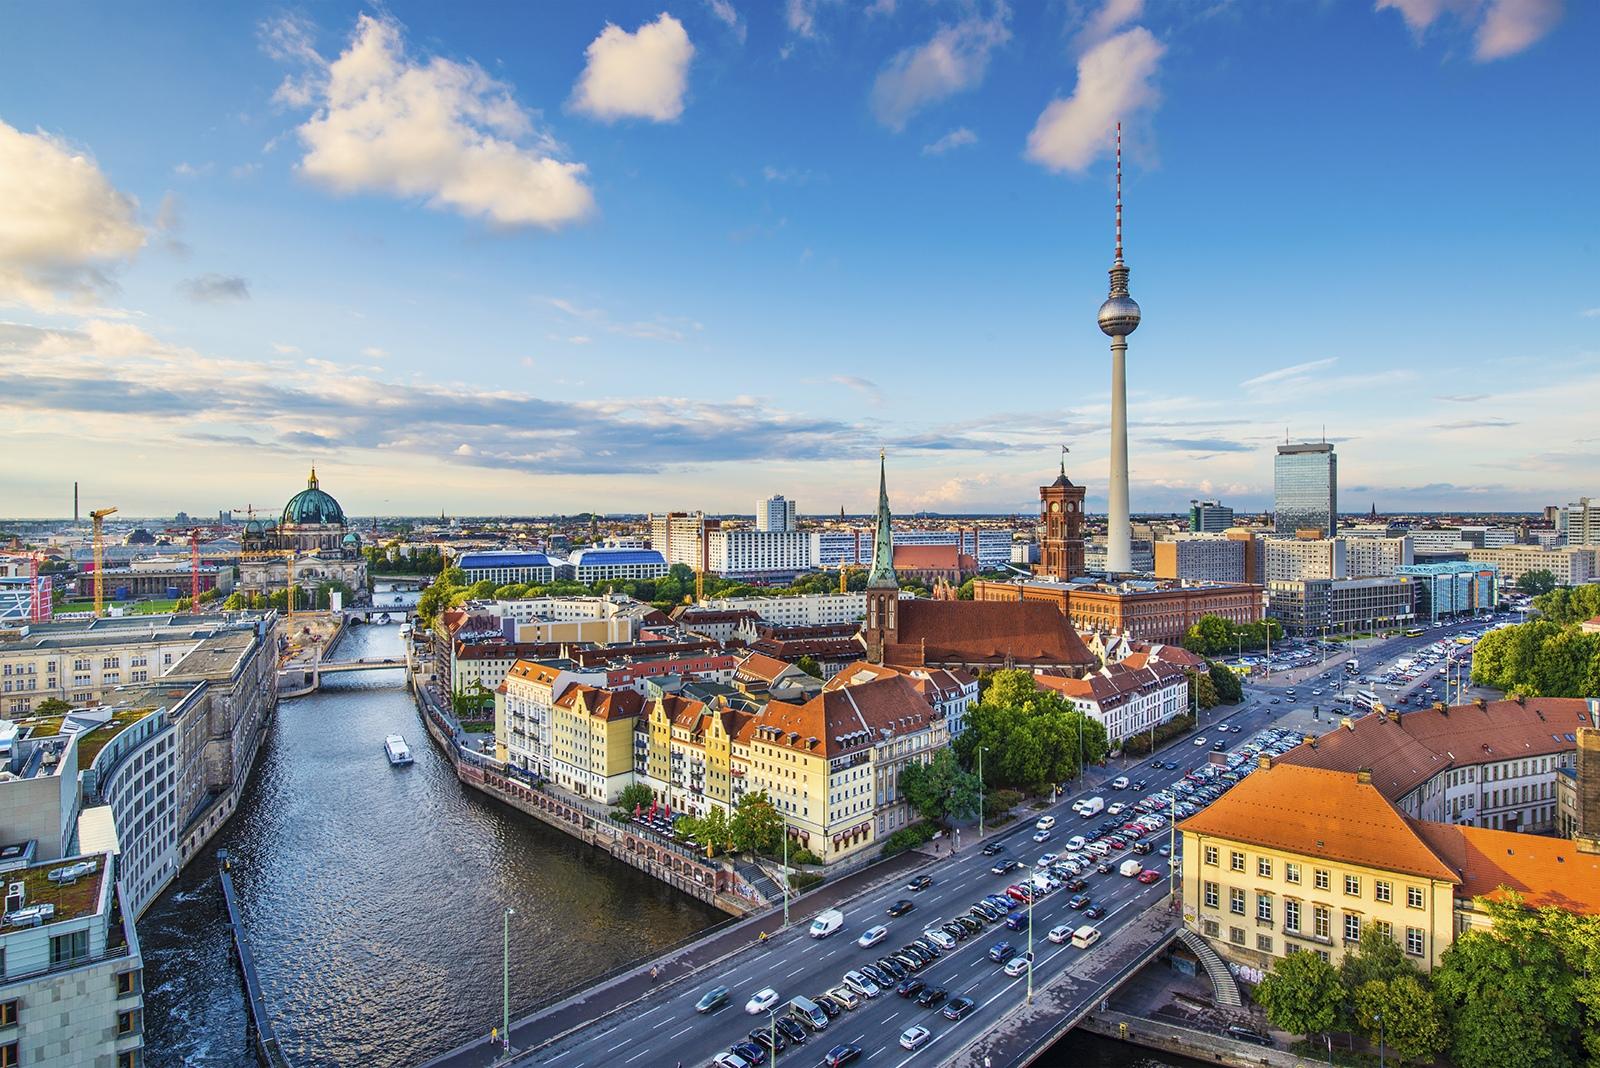 Панорама исторической части Берлина